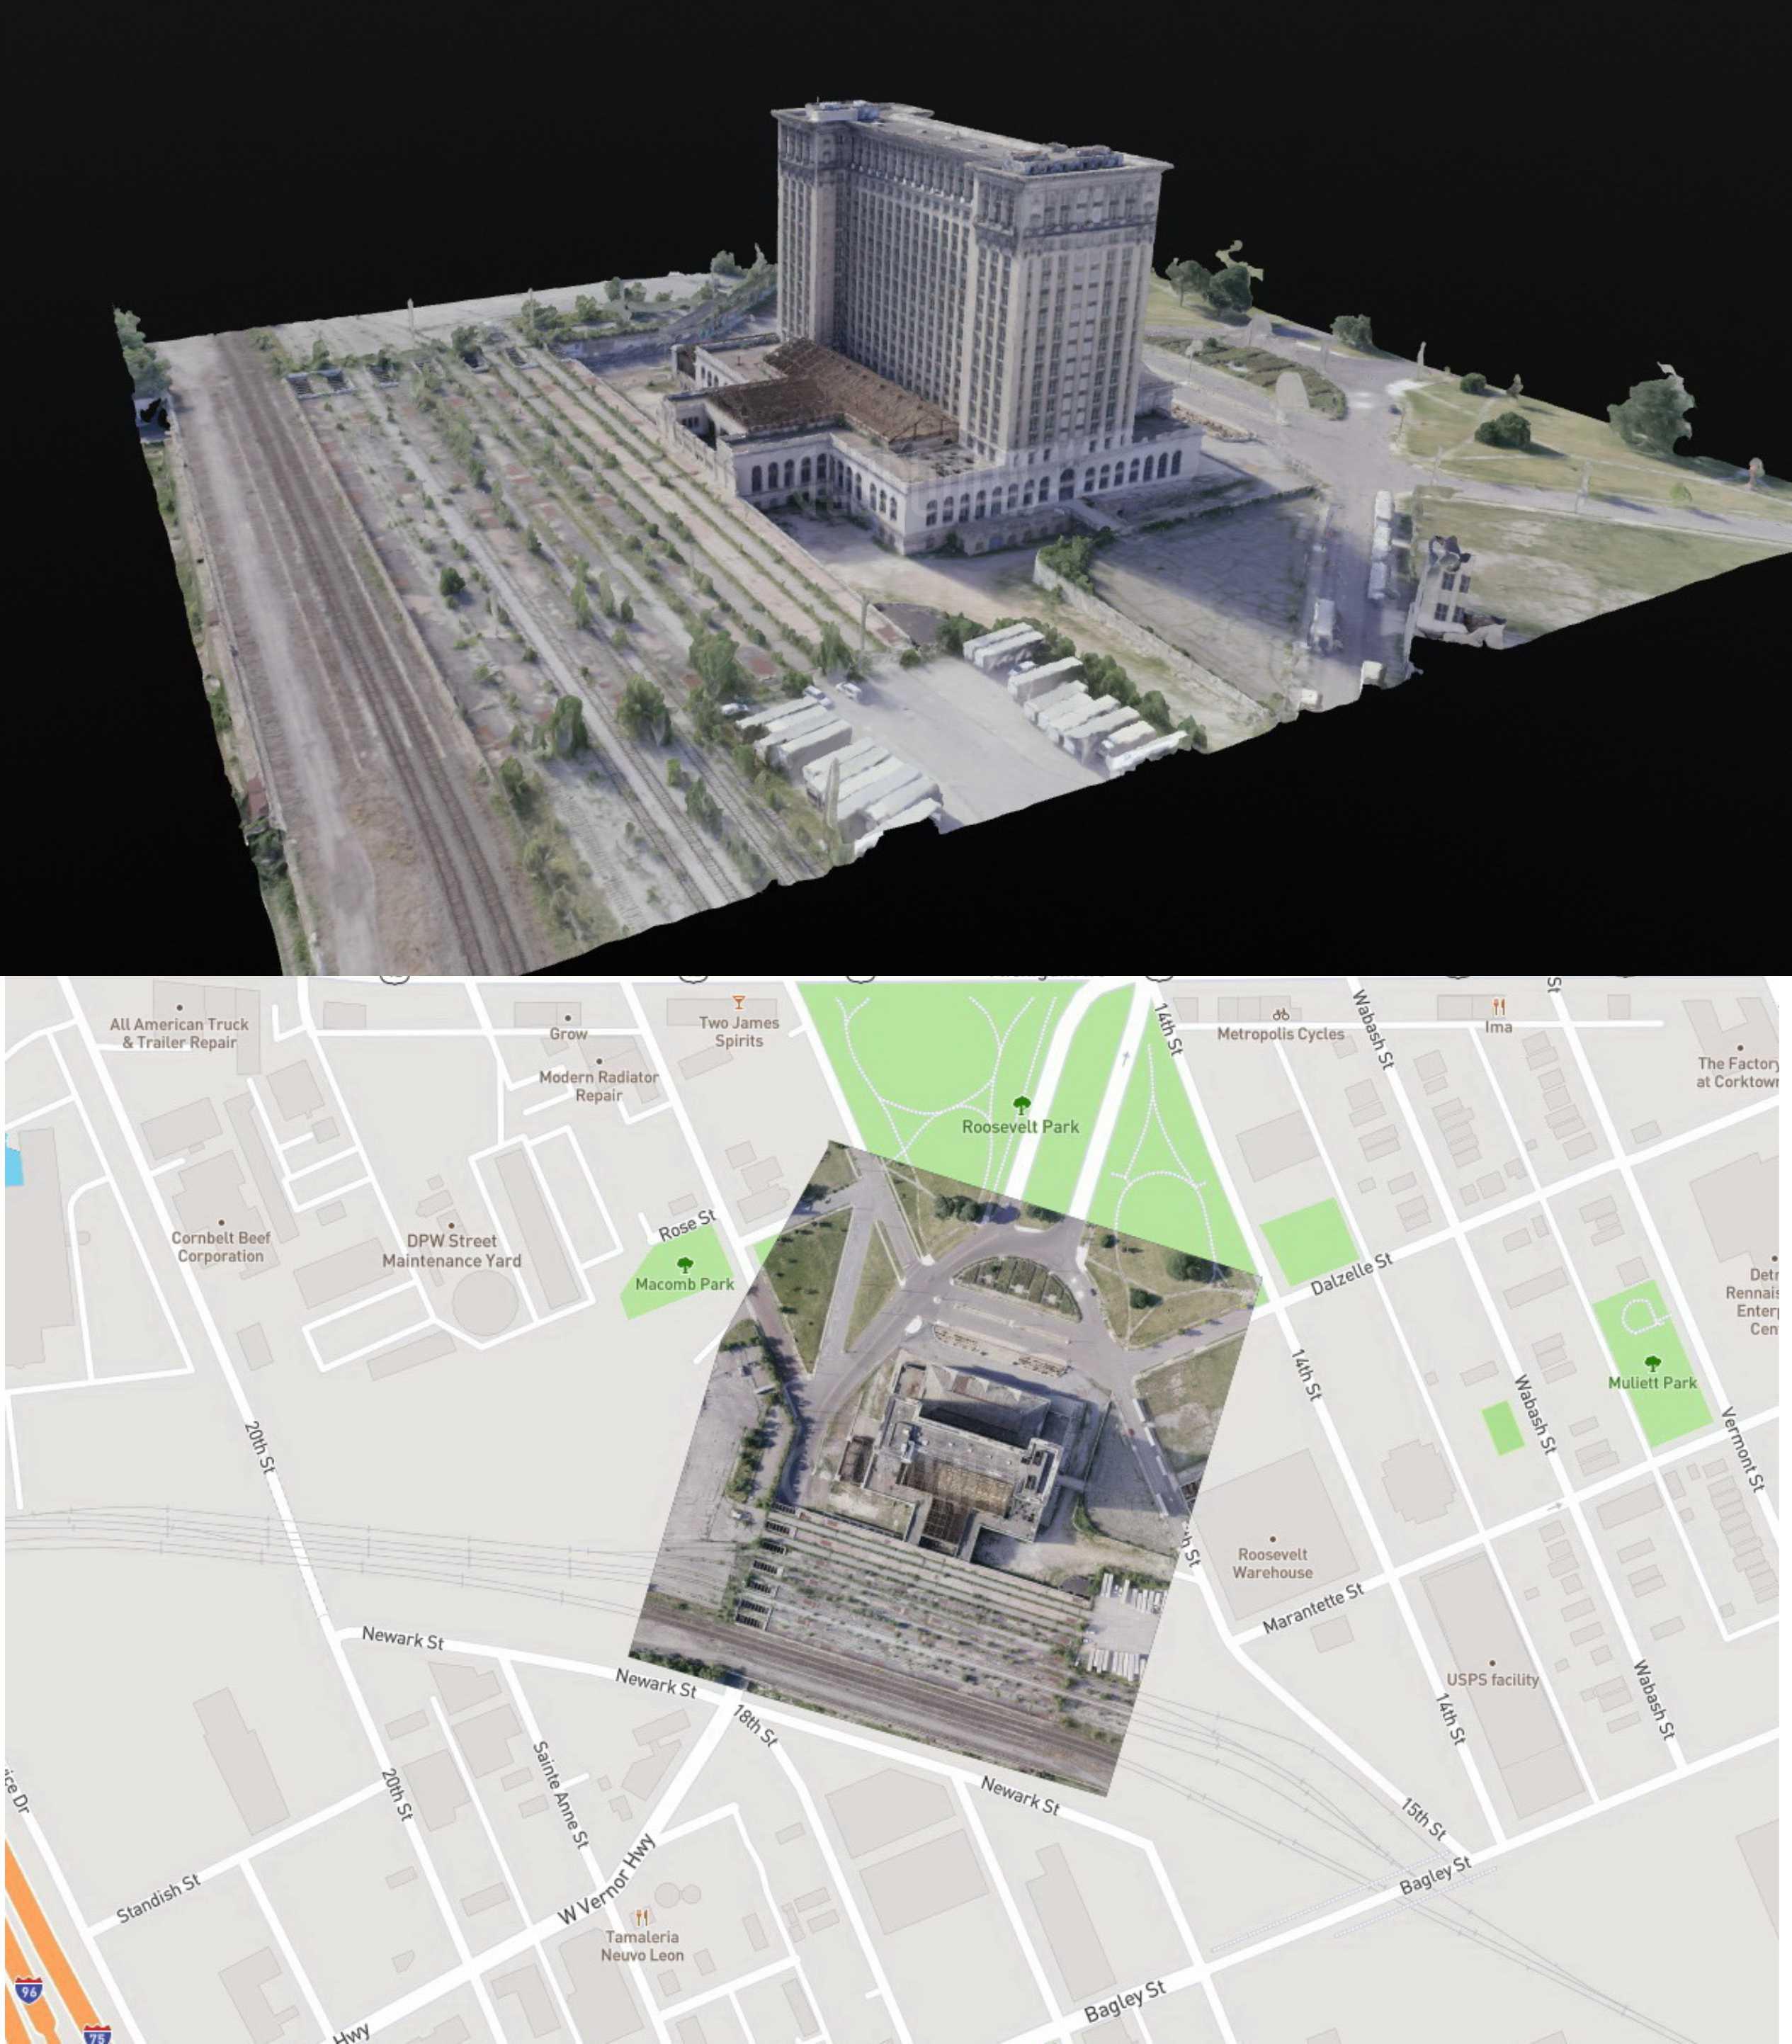 VR интерактивная платформа 360 ° x180 ° и 3D сканирование